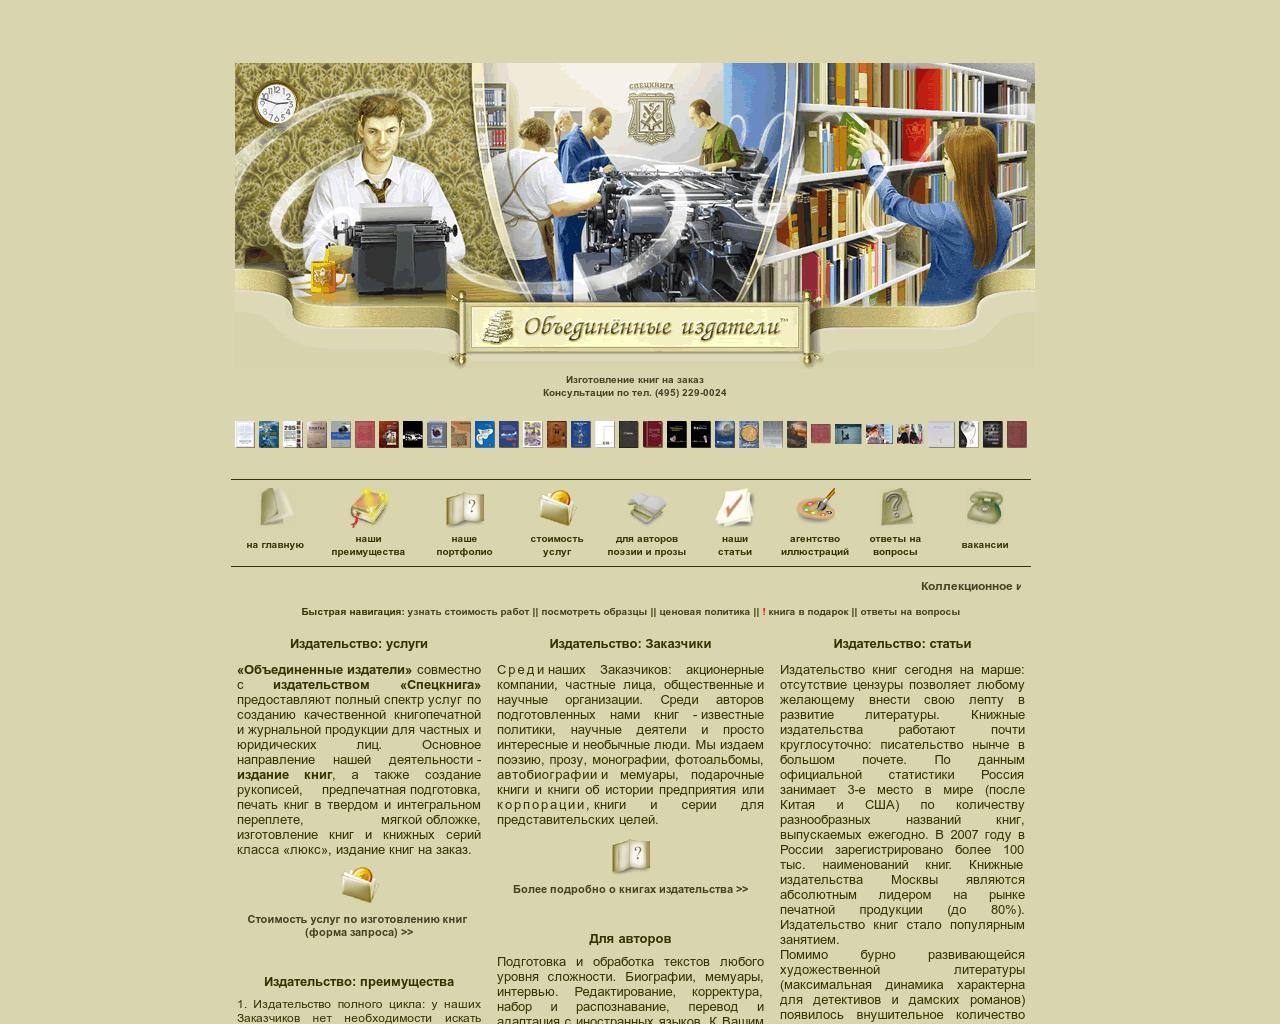 Цуркану московские издательства печать и реализация книг утомлении глаз